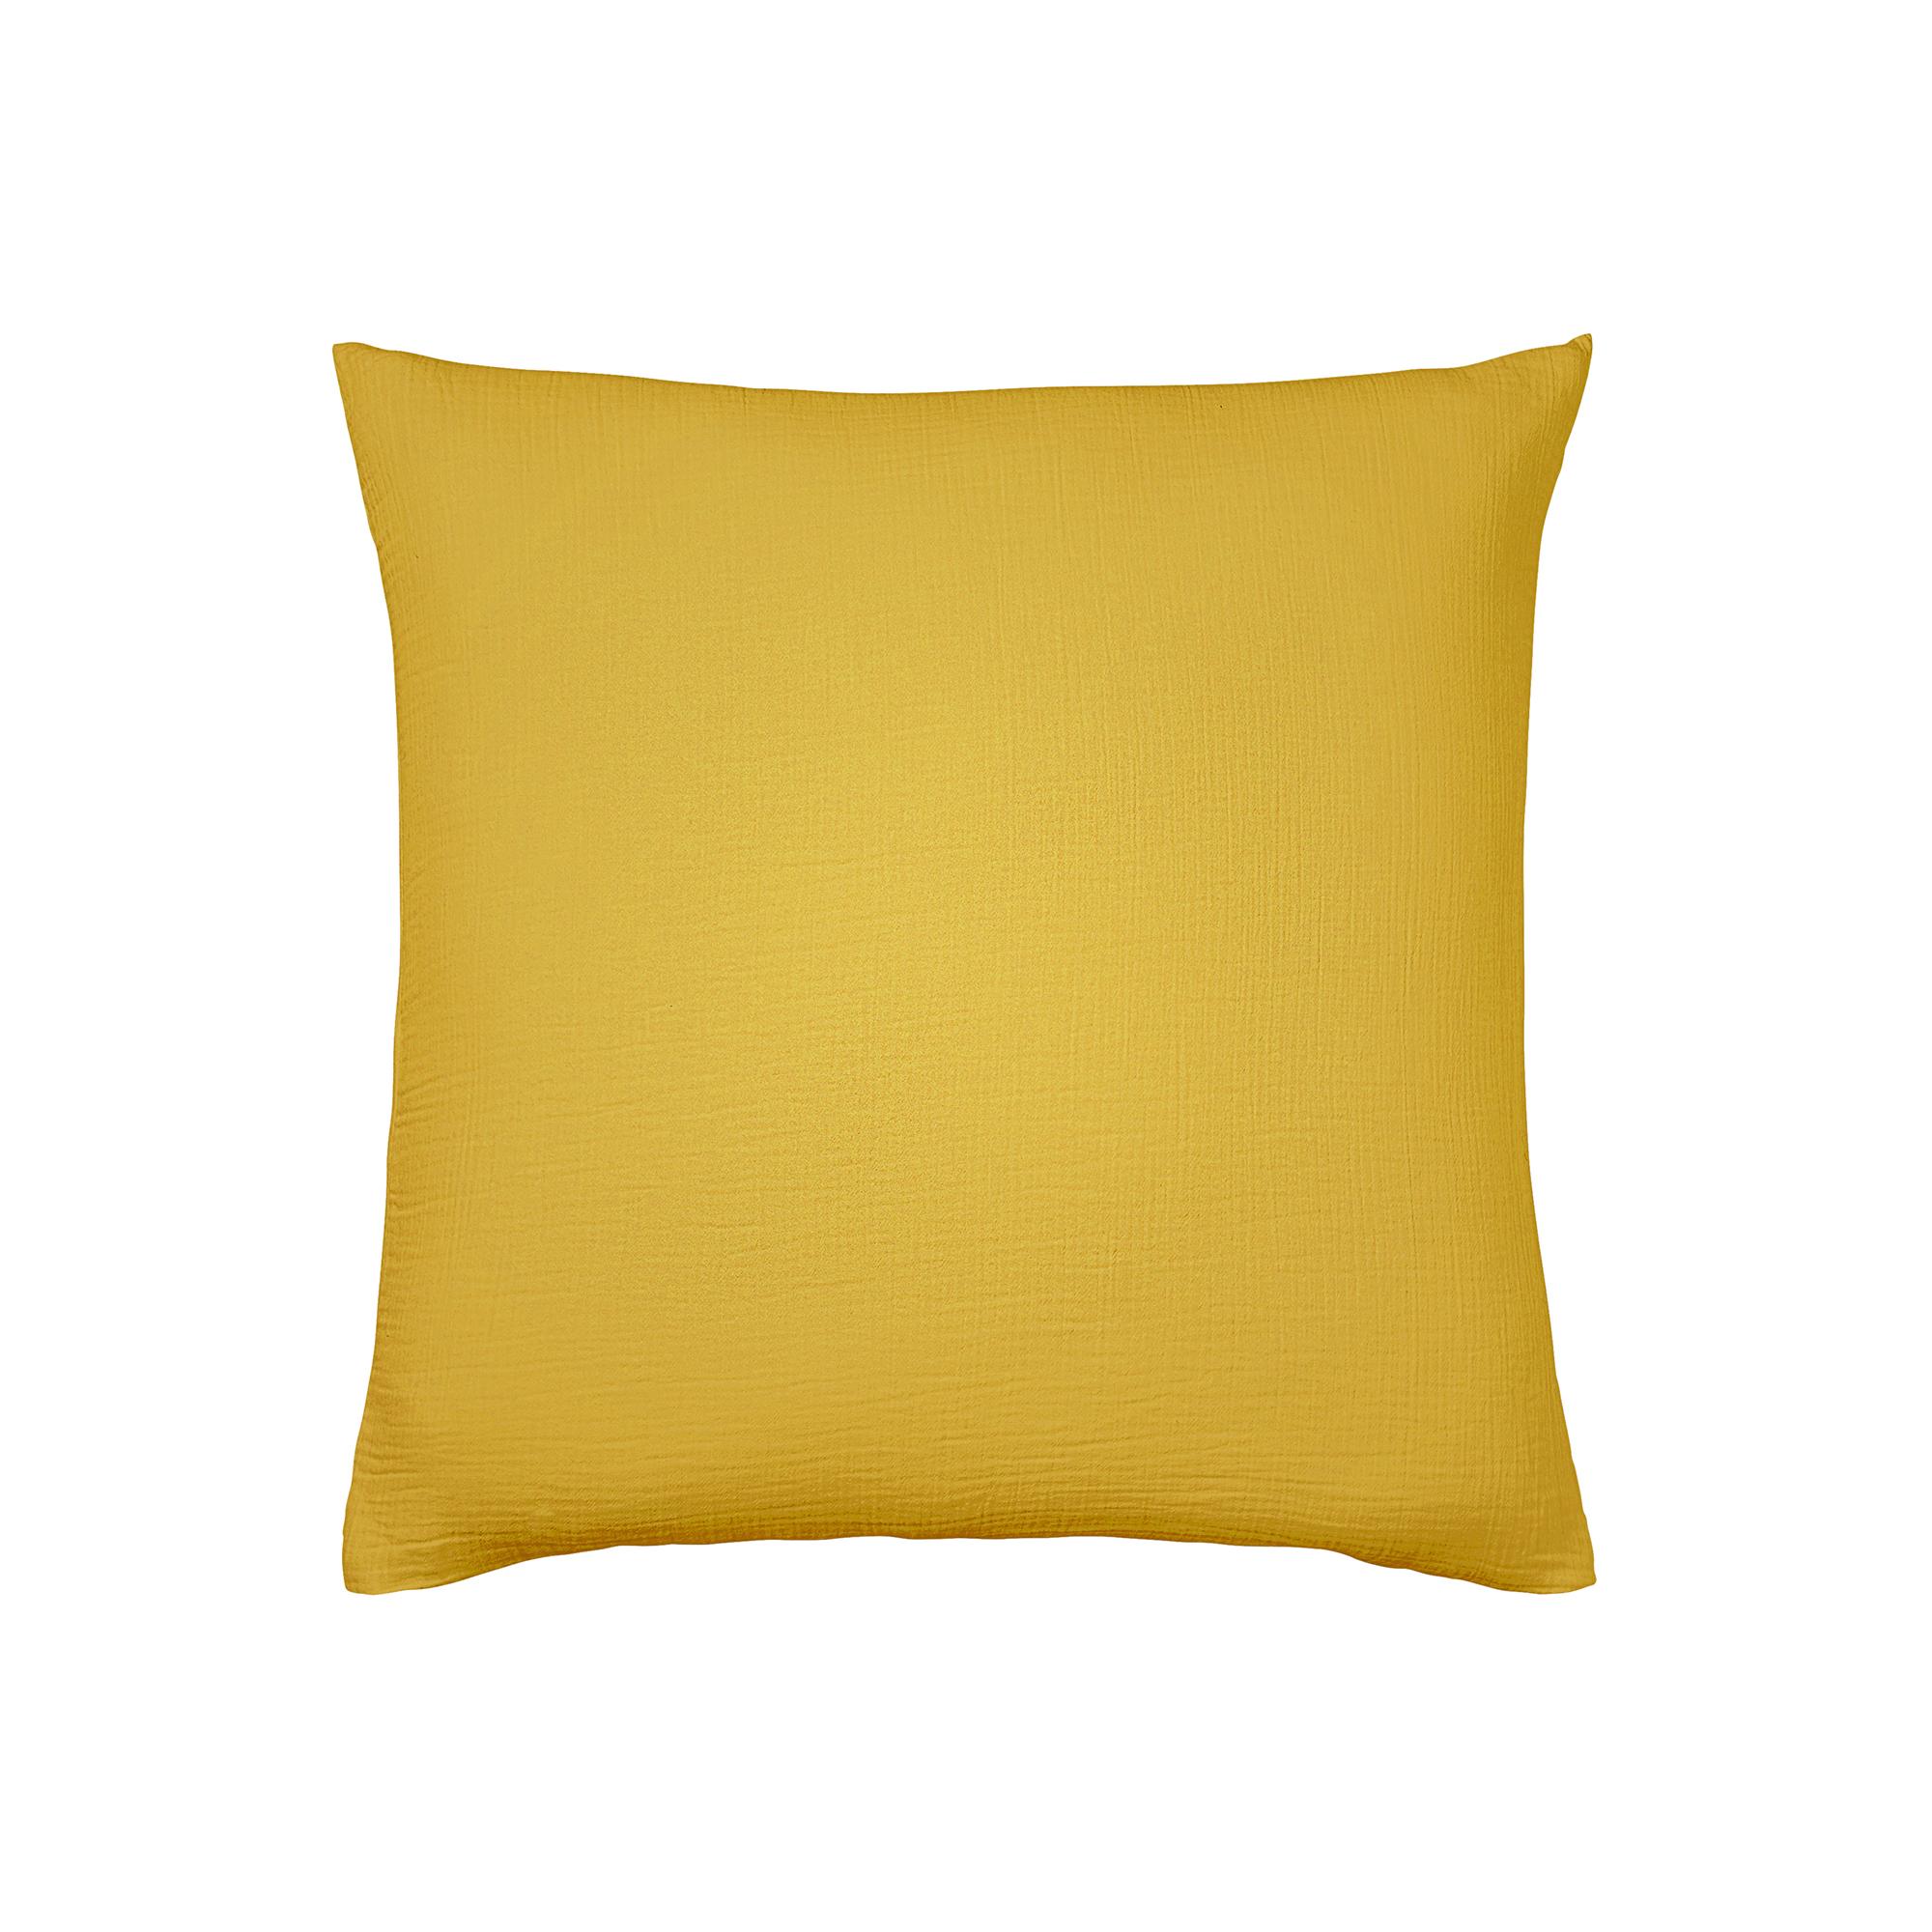 Taie d'oreiller unie en coton jaune 65x65